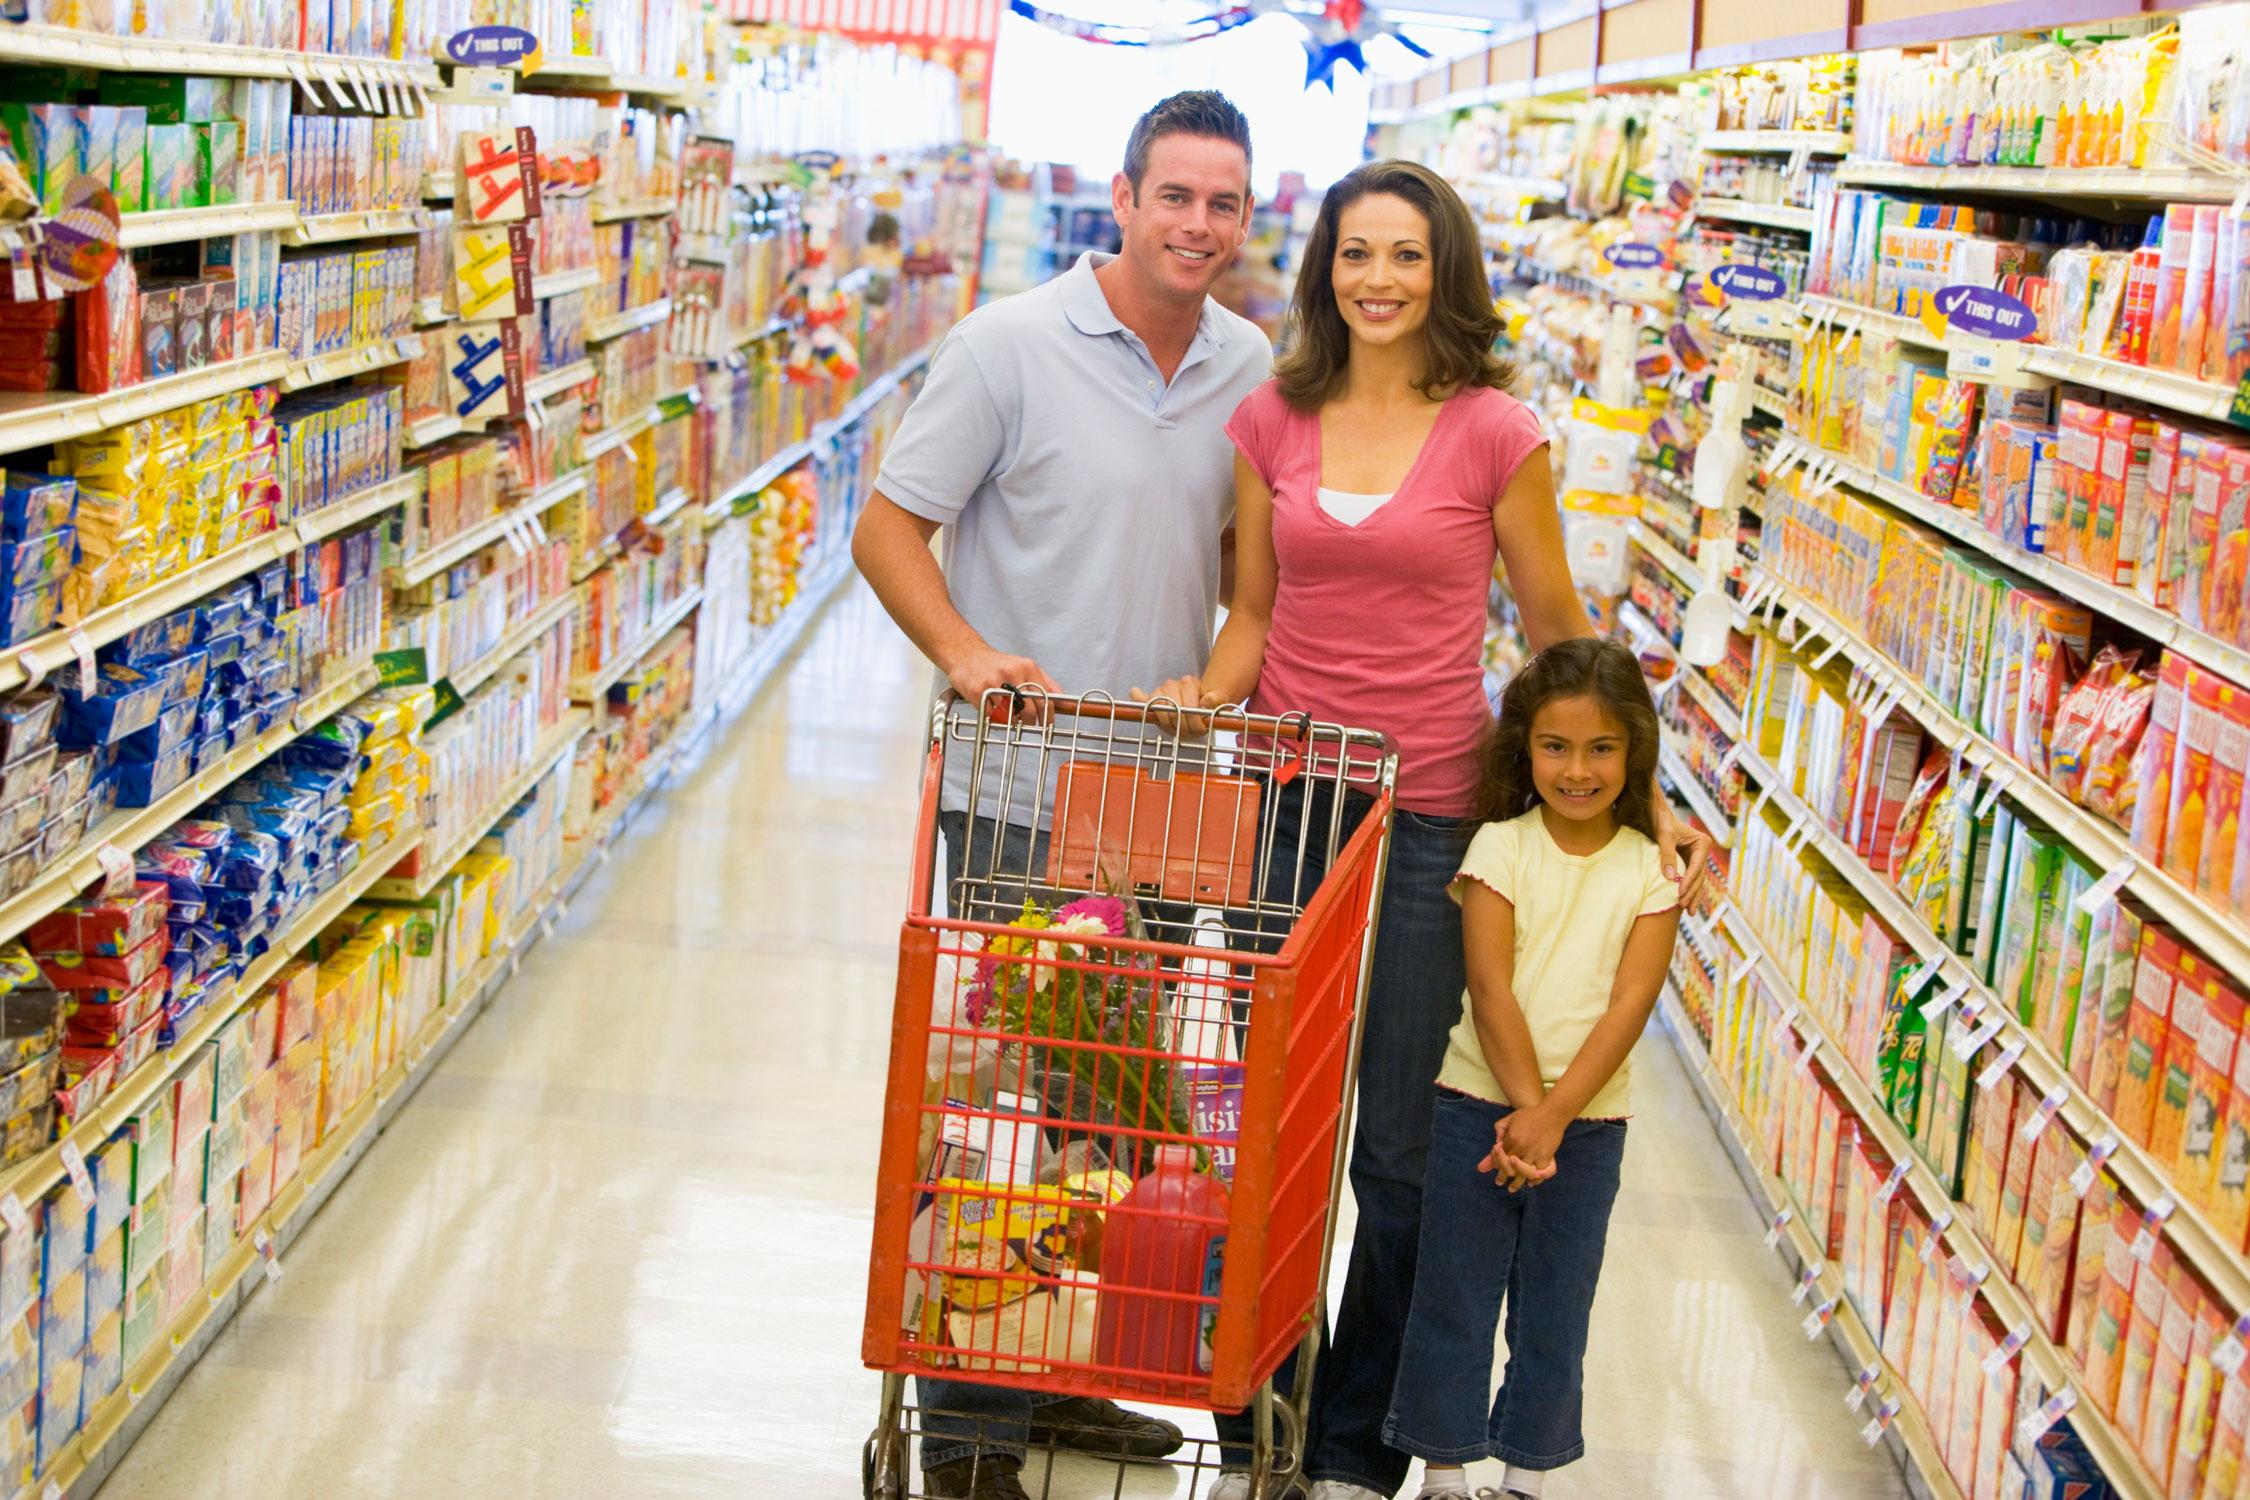 Comportamiento del consumidor, ¿qué tanto ha cambiado?